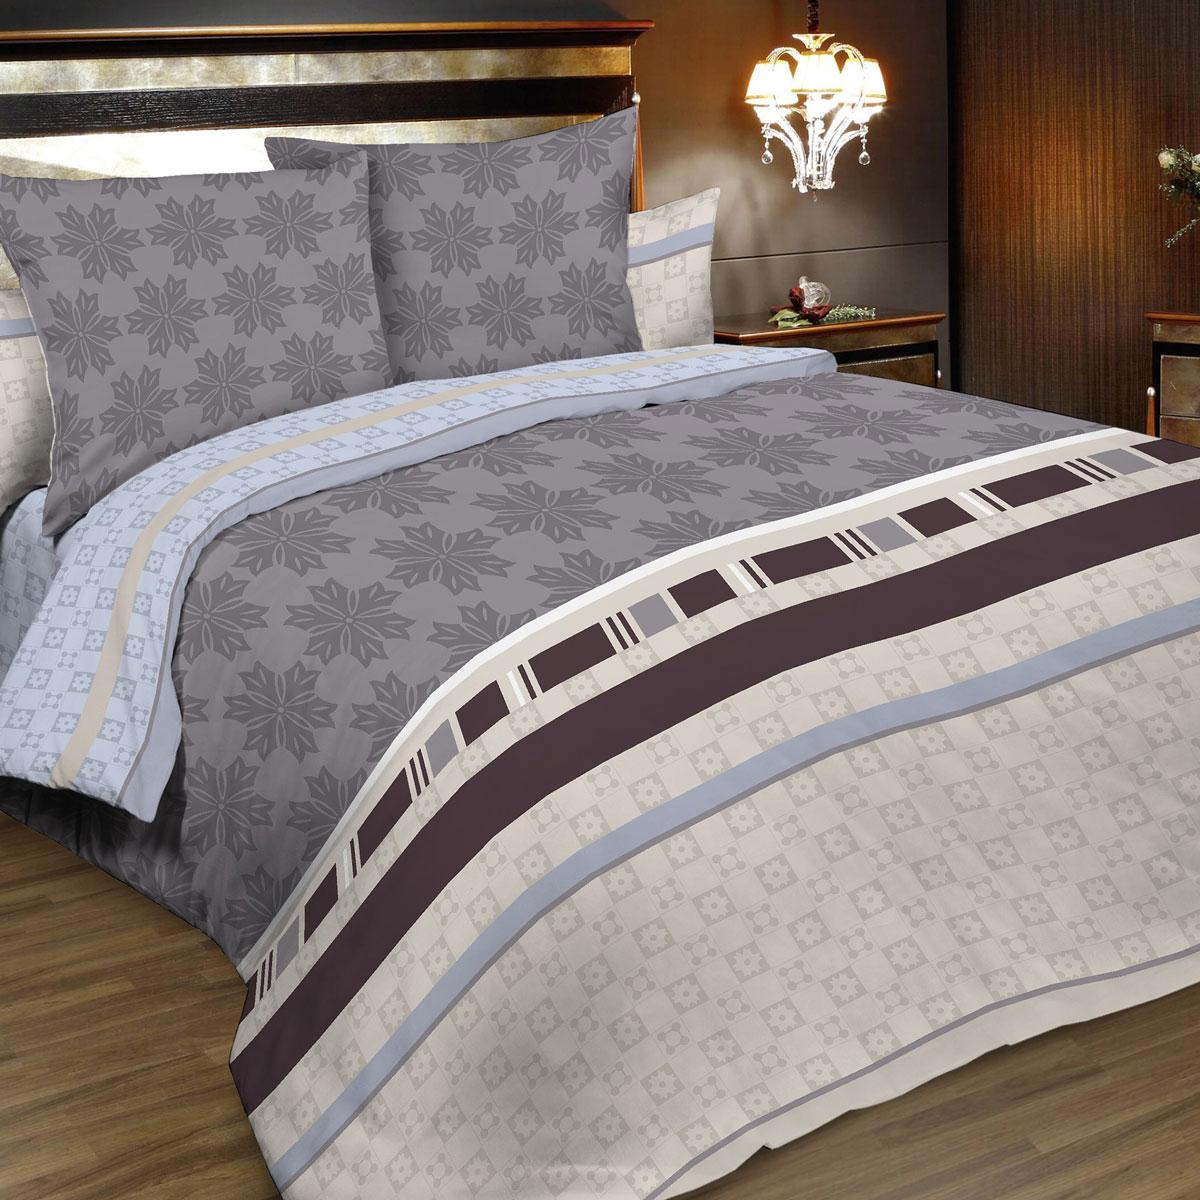 Комплект белья Letto, 1,5-спальный, наволочки 70х70. B180-3B180-3Комплект постельного белья Letto выполнен из классической российской бязи (хлопка). Комплект состоит из пододеяльника, простыни и двух наволочек.Постельное белье, оформленное оригинальным рисунком, имеет изысканный внешний вид. Пододеяльник снабжен молнией.Благодаря такому комплекту постельного белья вы сможете создать атмосферу роскоши и романтики в вашей спальне.Уважаемые клиенты!Обращаем ваше внимание на тот факт, что расцветка наволочек может отличаться от представленной на фото.Советы по выбору постельного белья от блогера Ирины Соковых. Статья OZON Гид